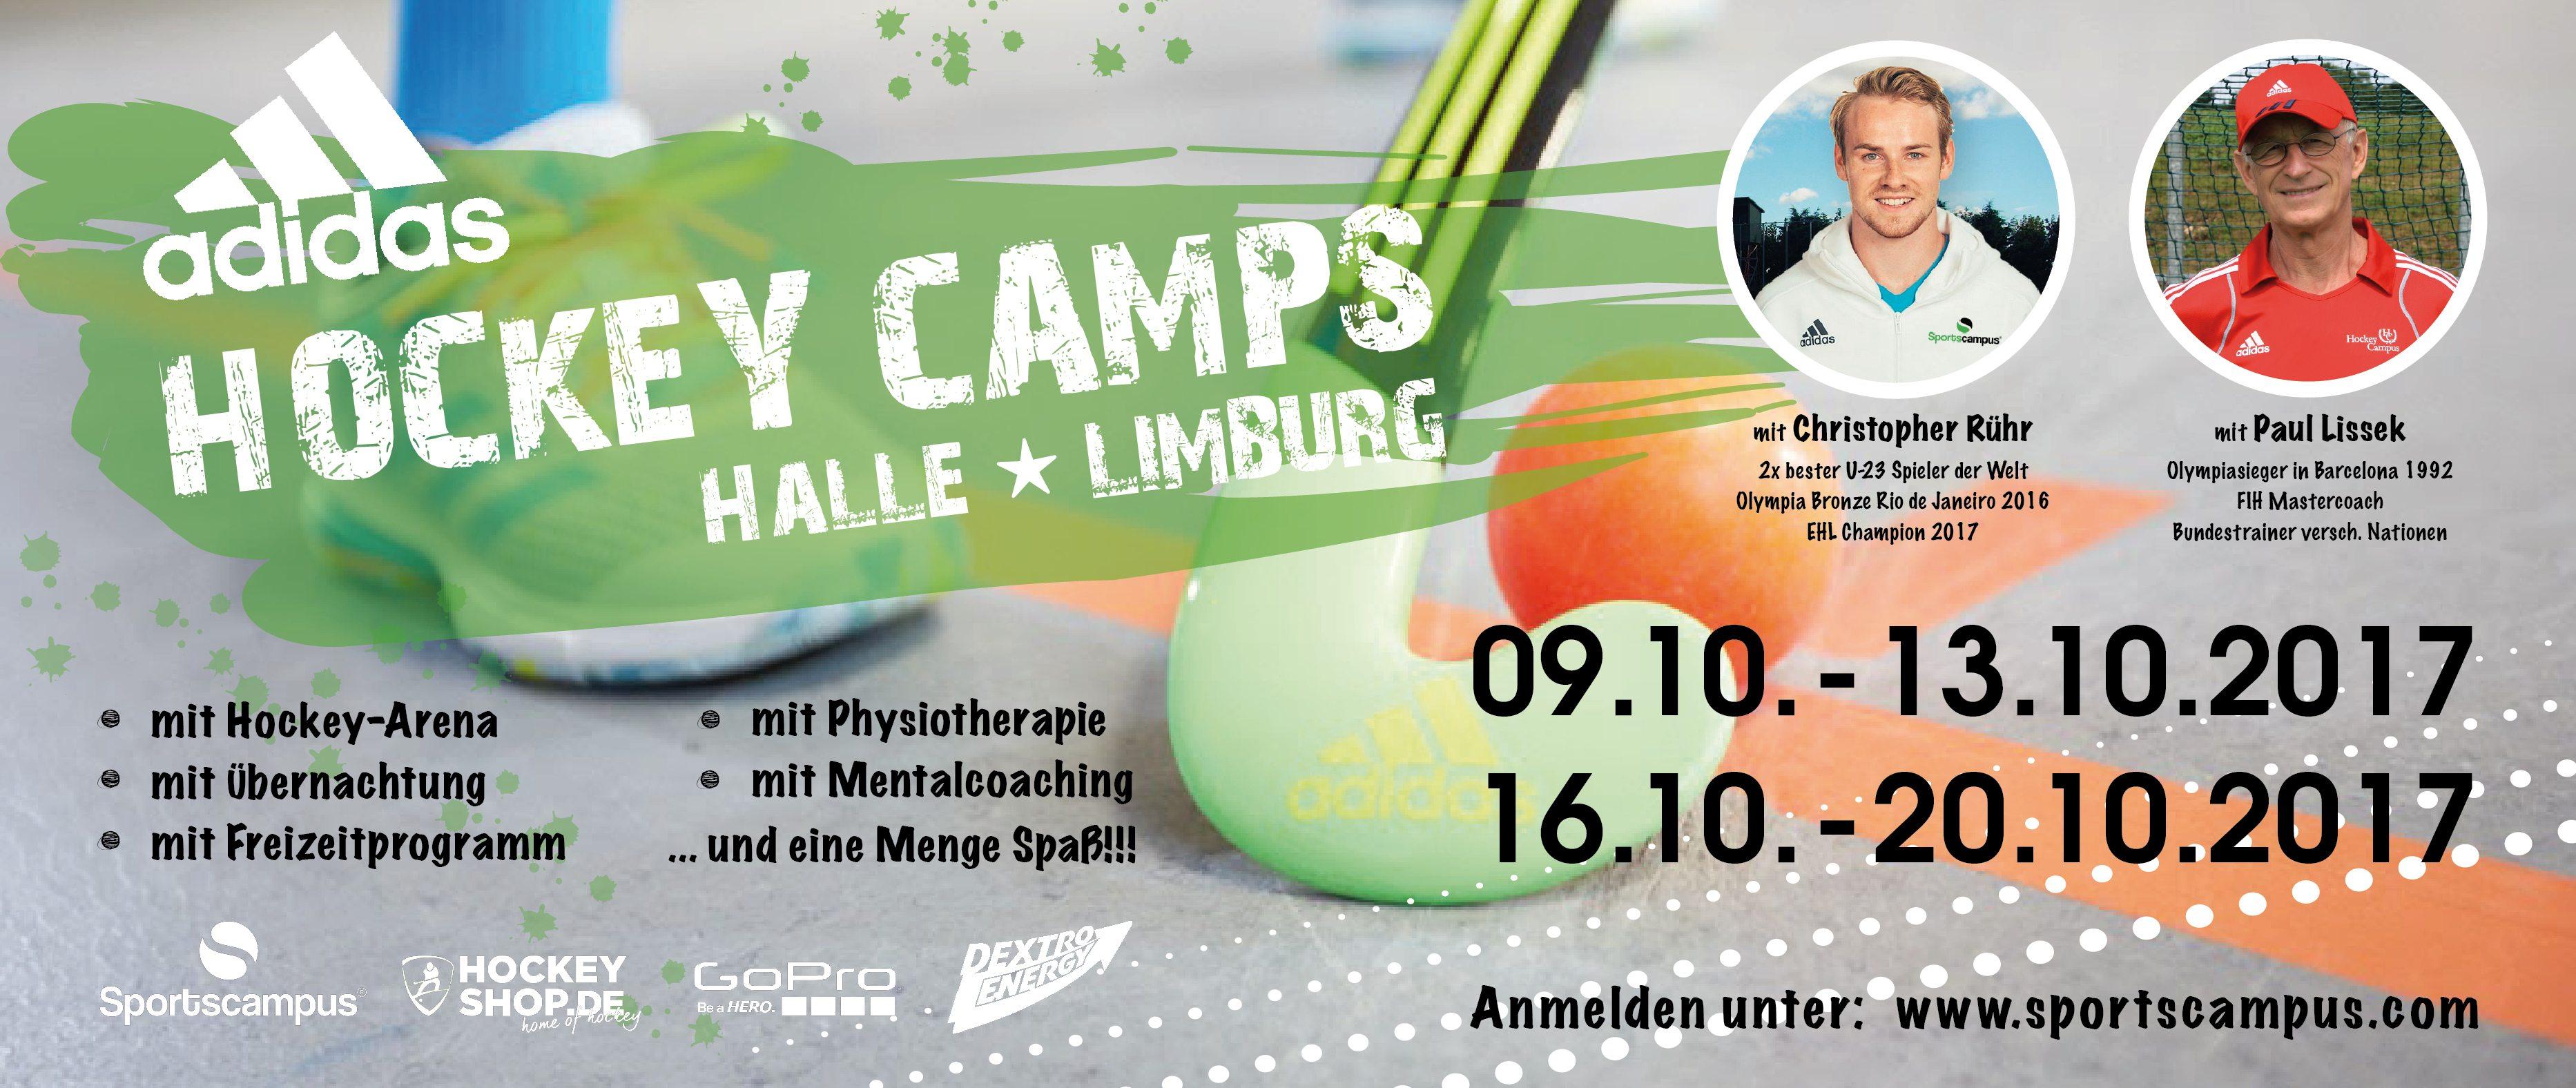 adidas Hallencamp in Limburg mit Christopher Rühr und Paul Lissek